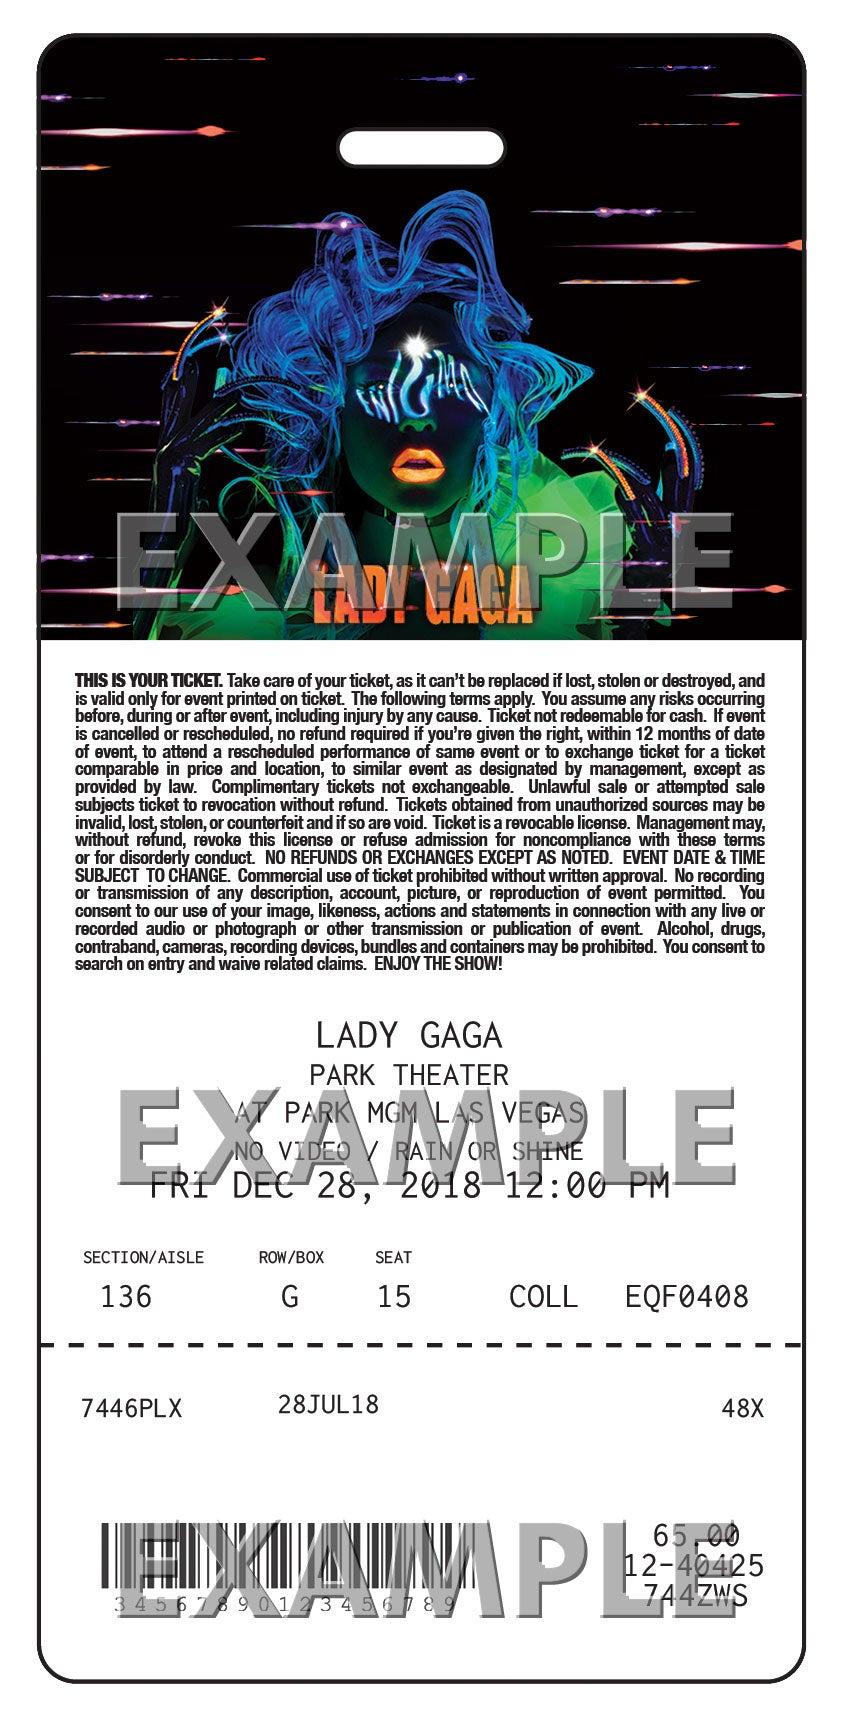 Lady Gaga Ticketmaster